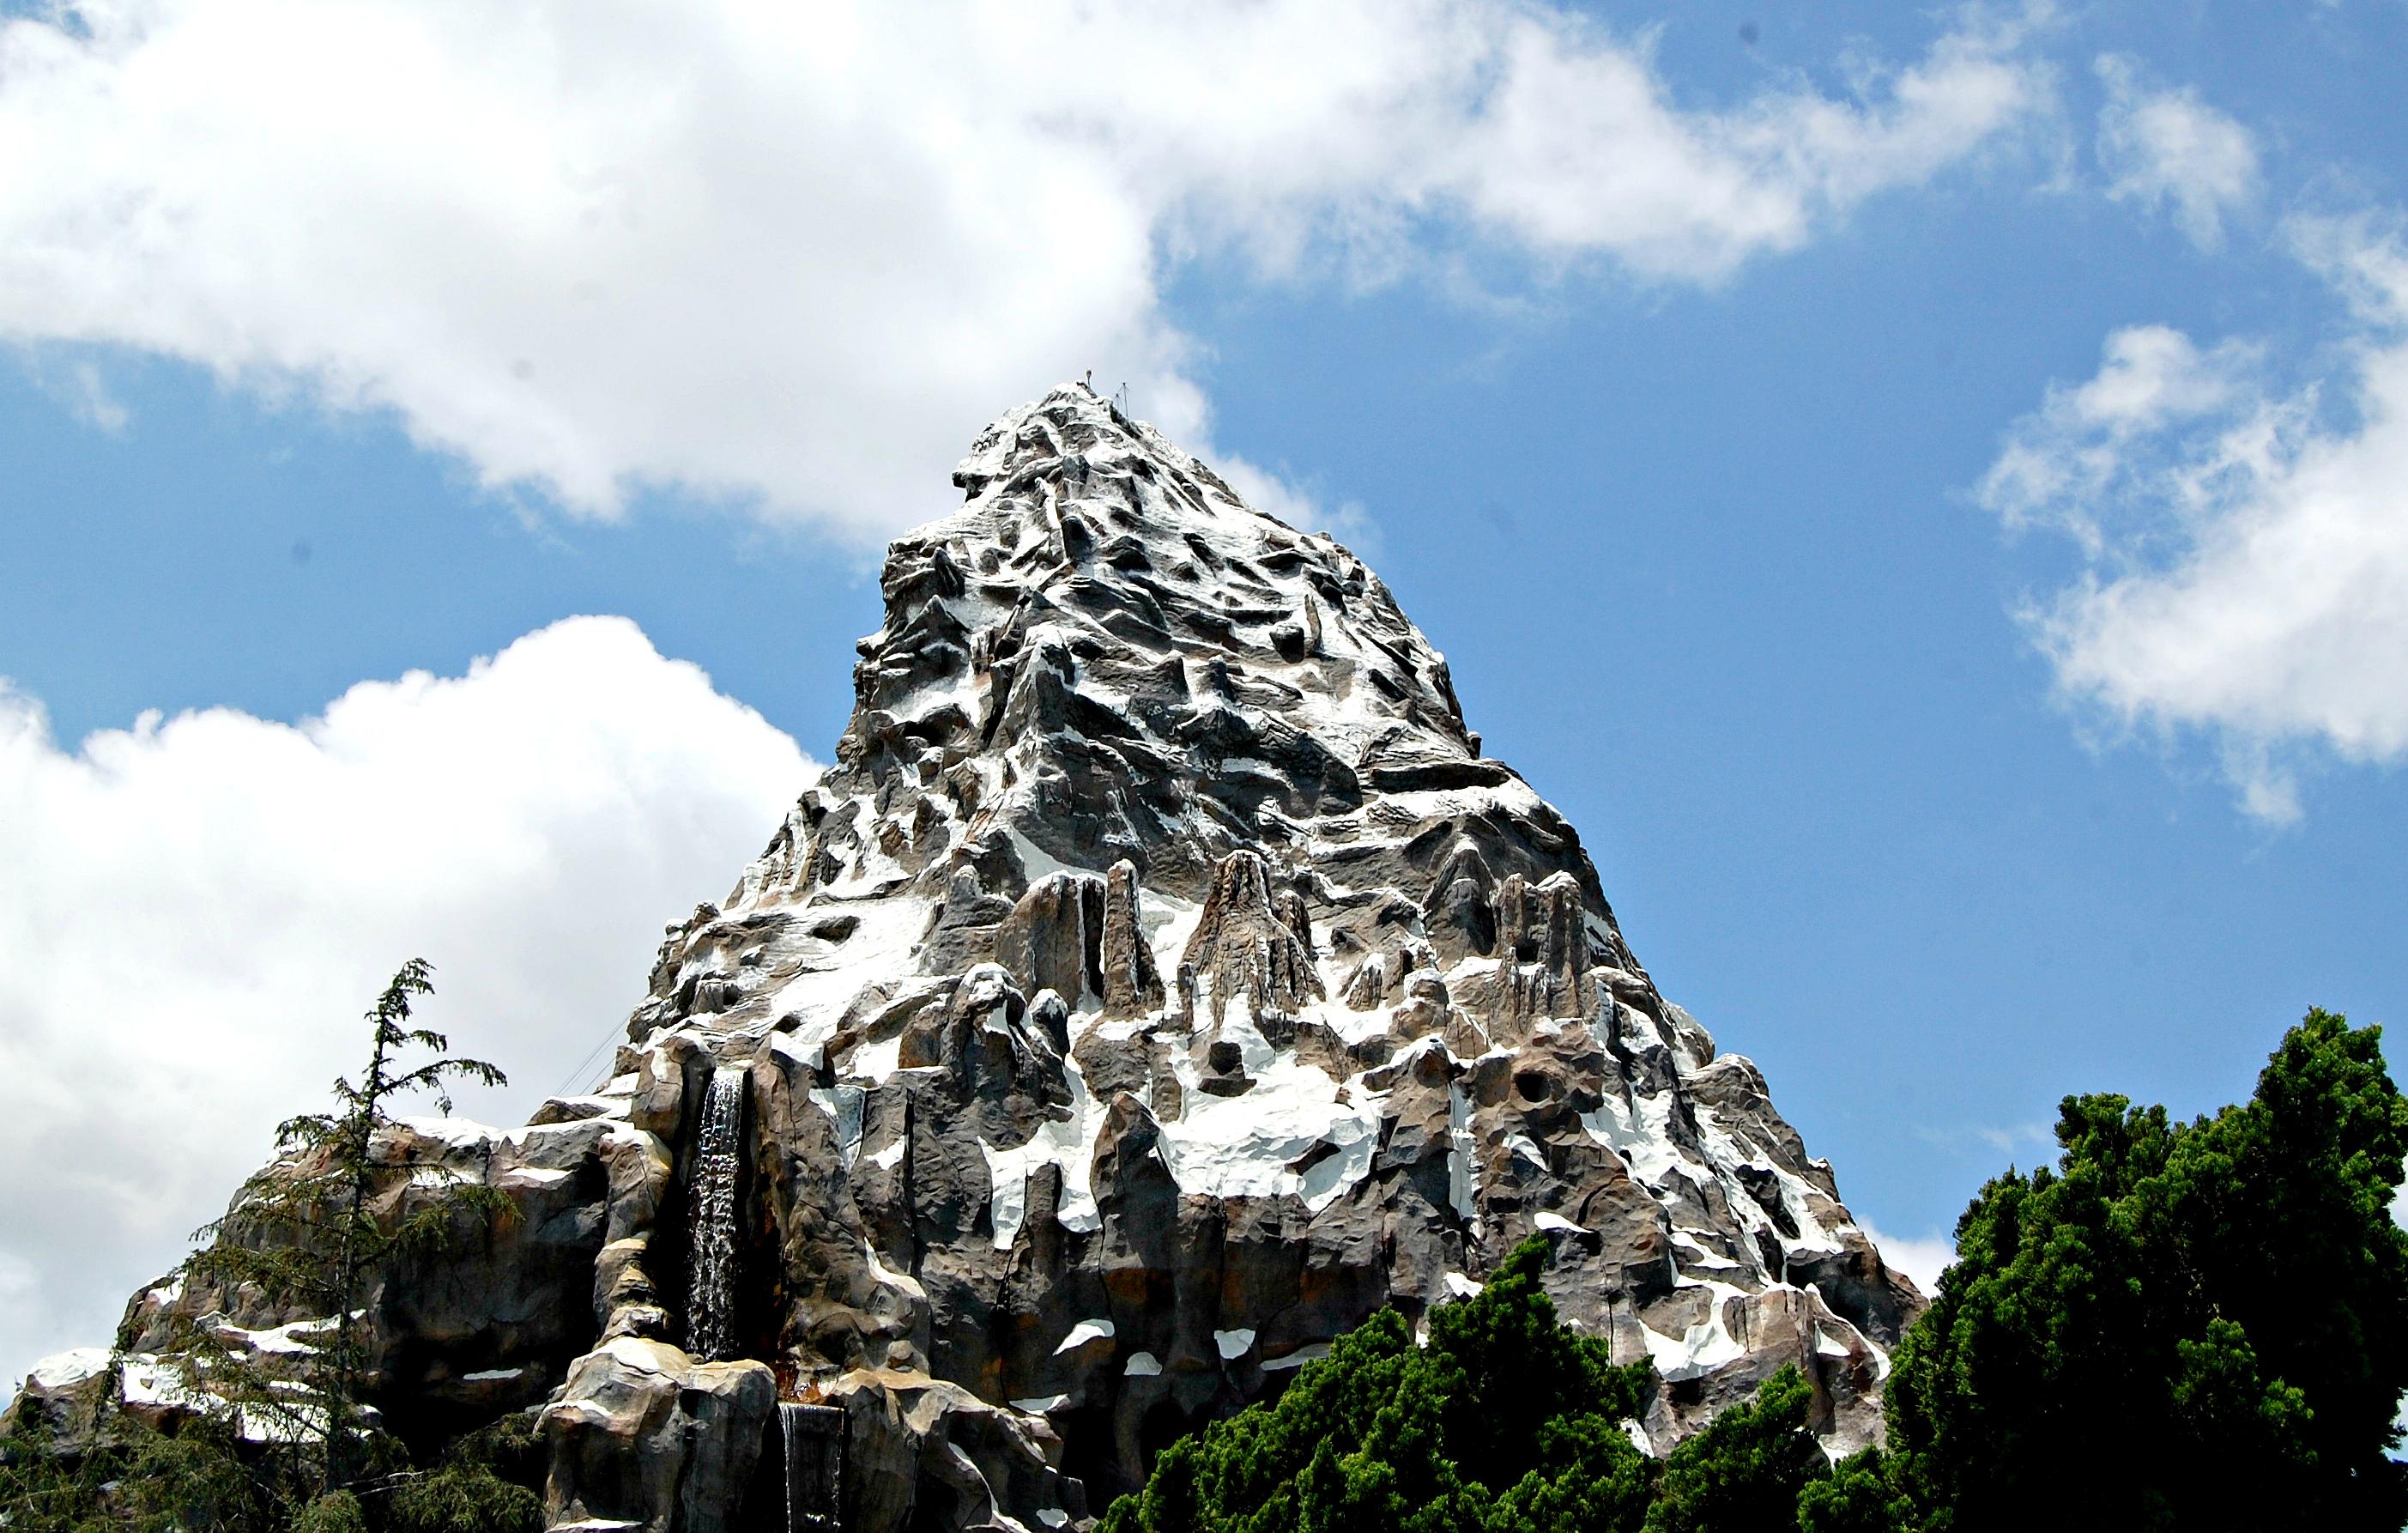 The Matterhorn, Disneyland, California